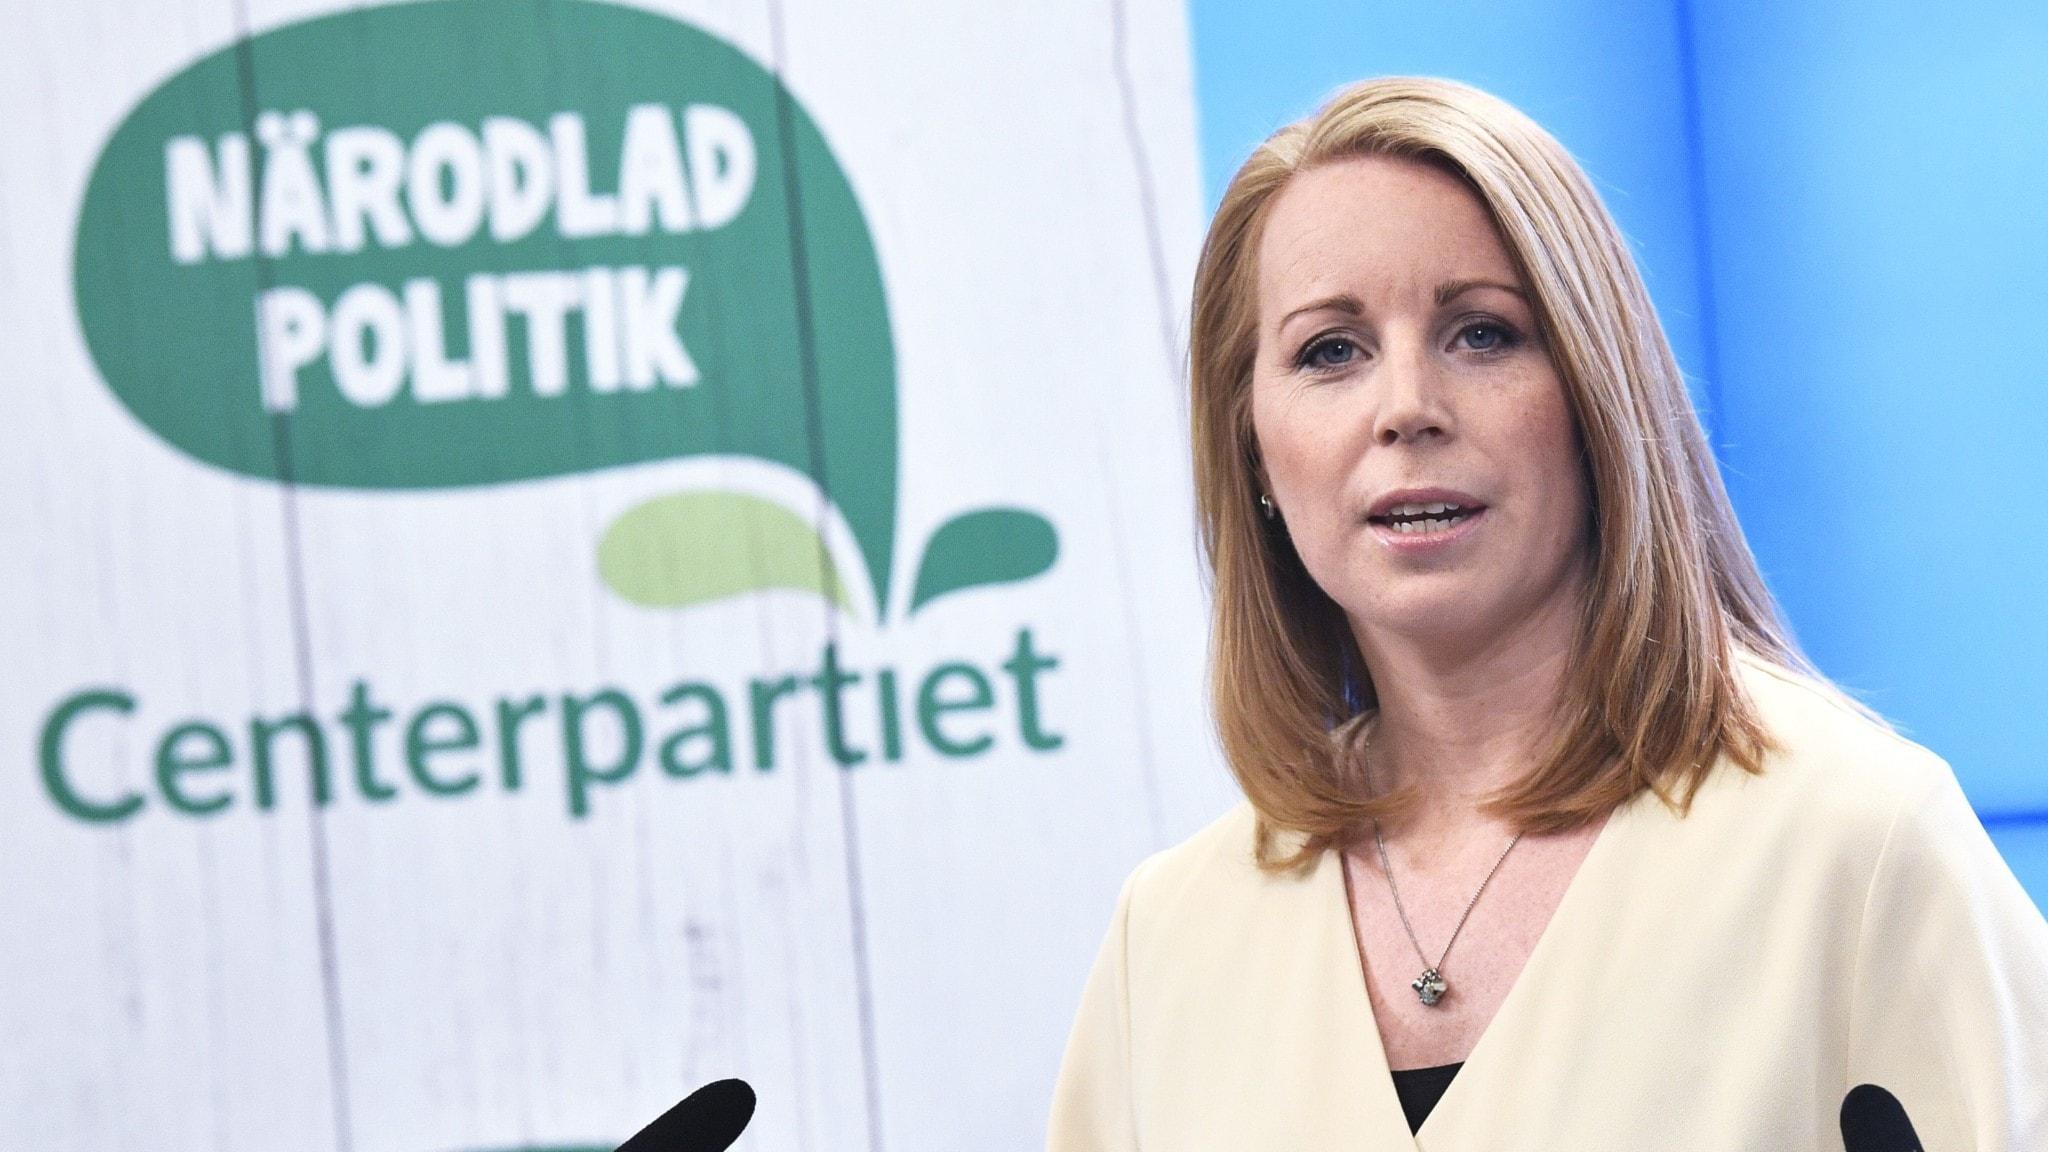 Centerpartiets partiledare Annie Lööf (C)